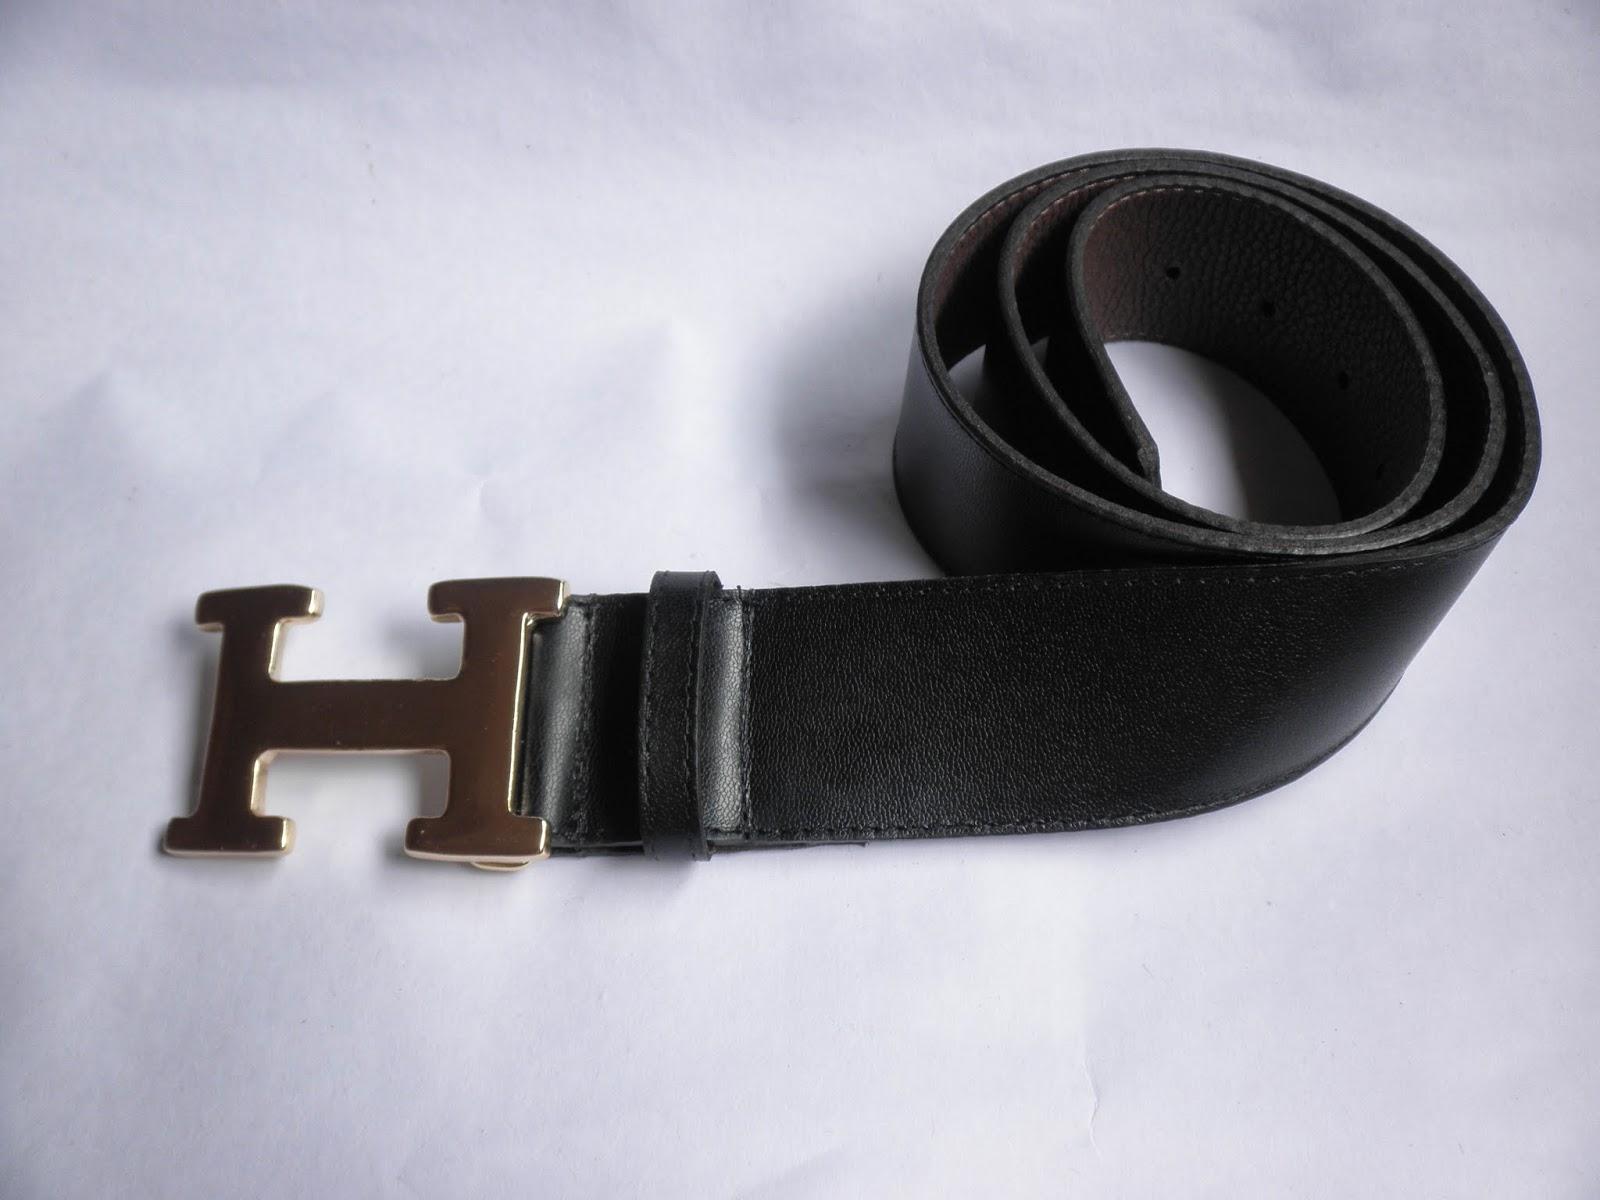 60c5c8e6dc2 Cinto Unisex estilo Hermes